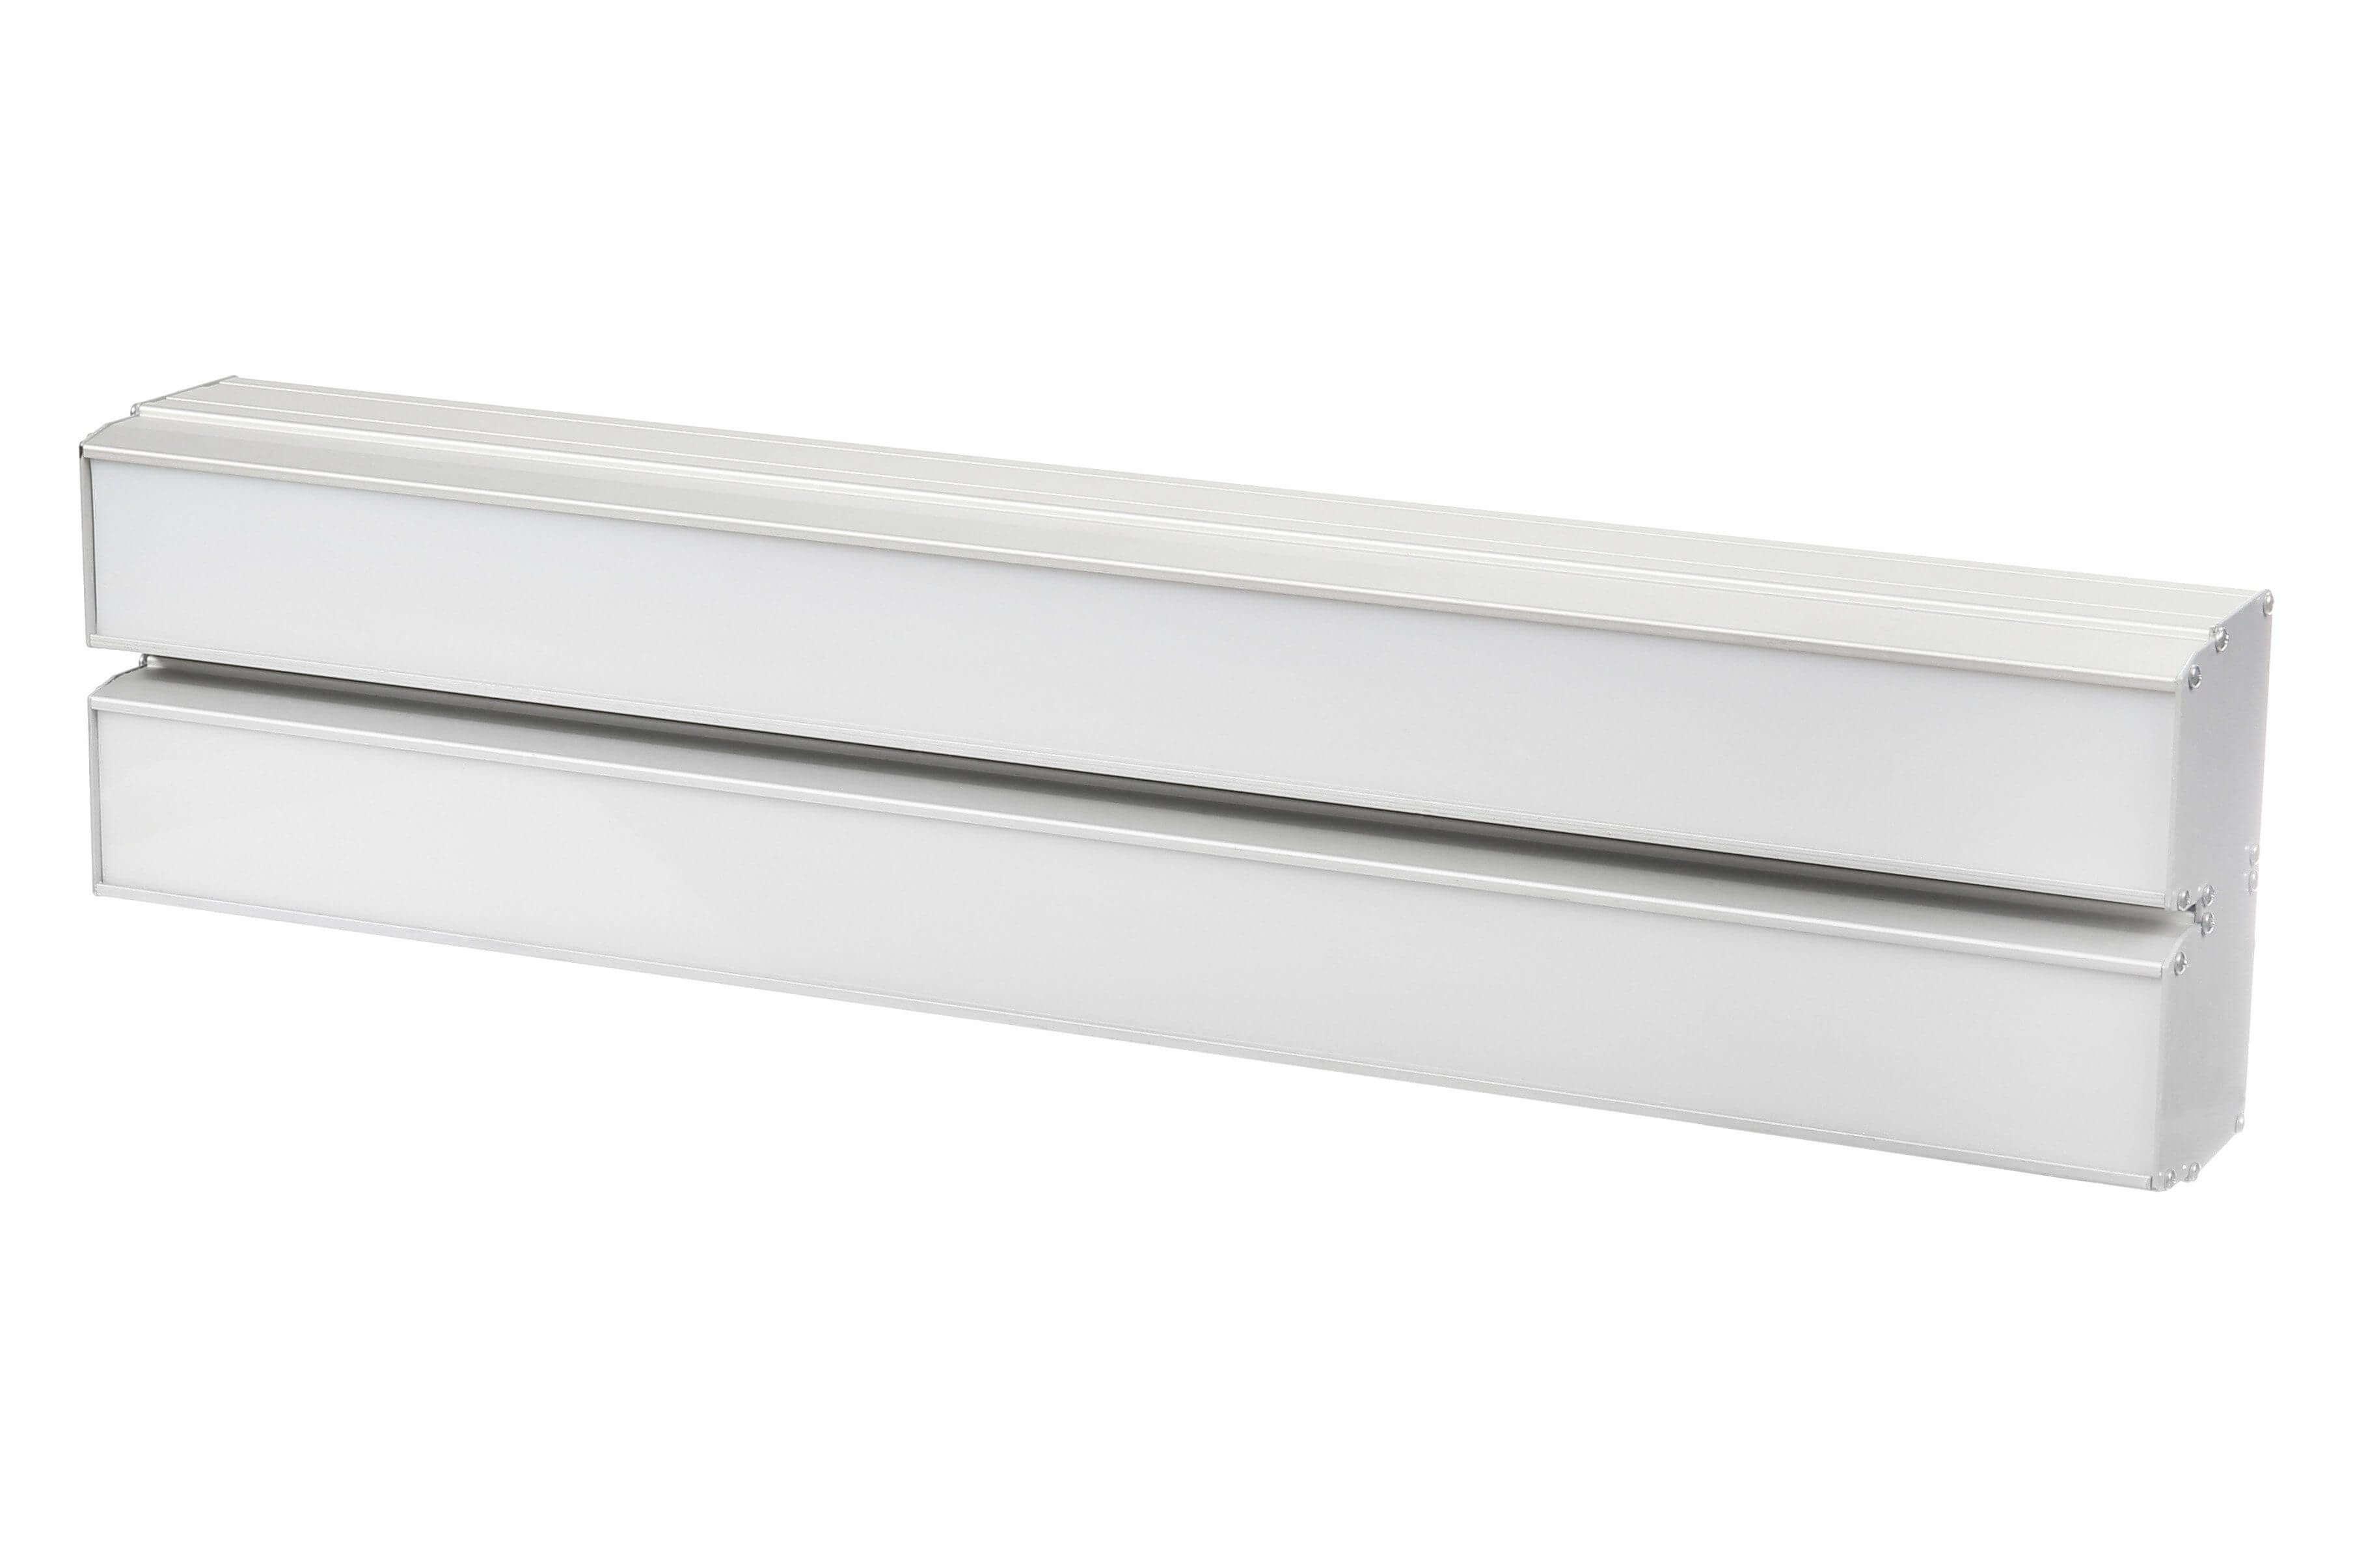 Светодиодный светильник LEDcraft LC-20-2PR-DW 20 Ватт IP20 (332 мм) Нейтральный Опал